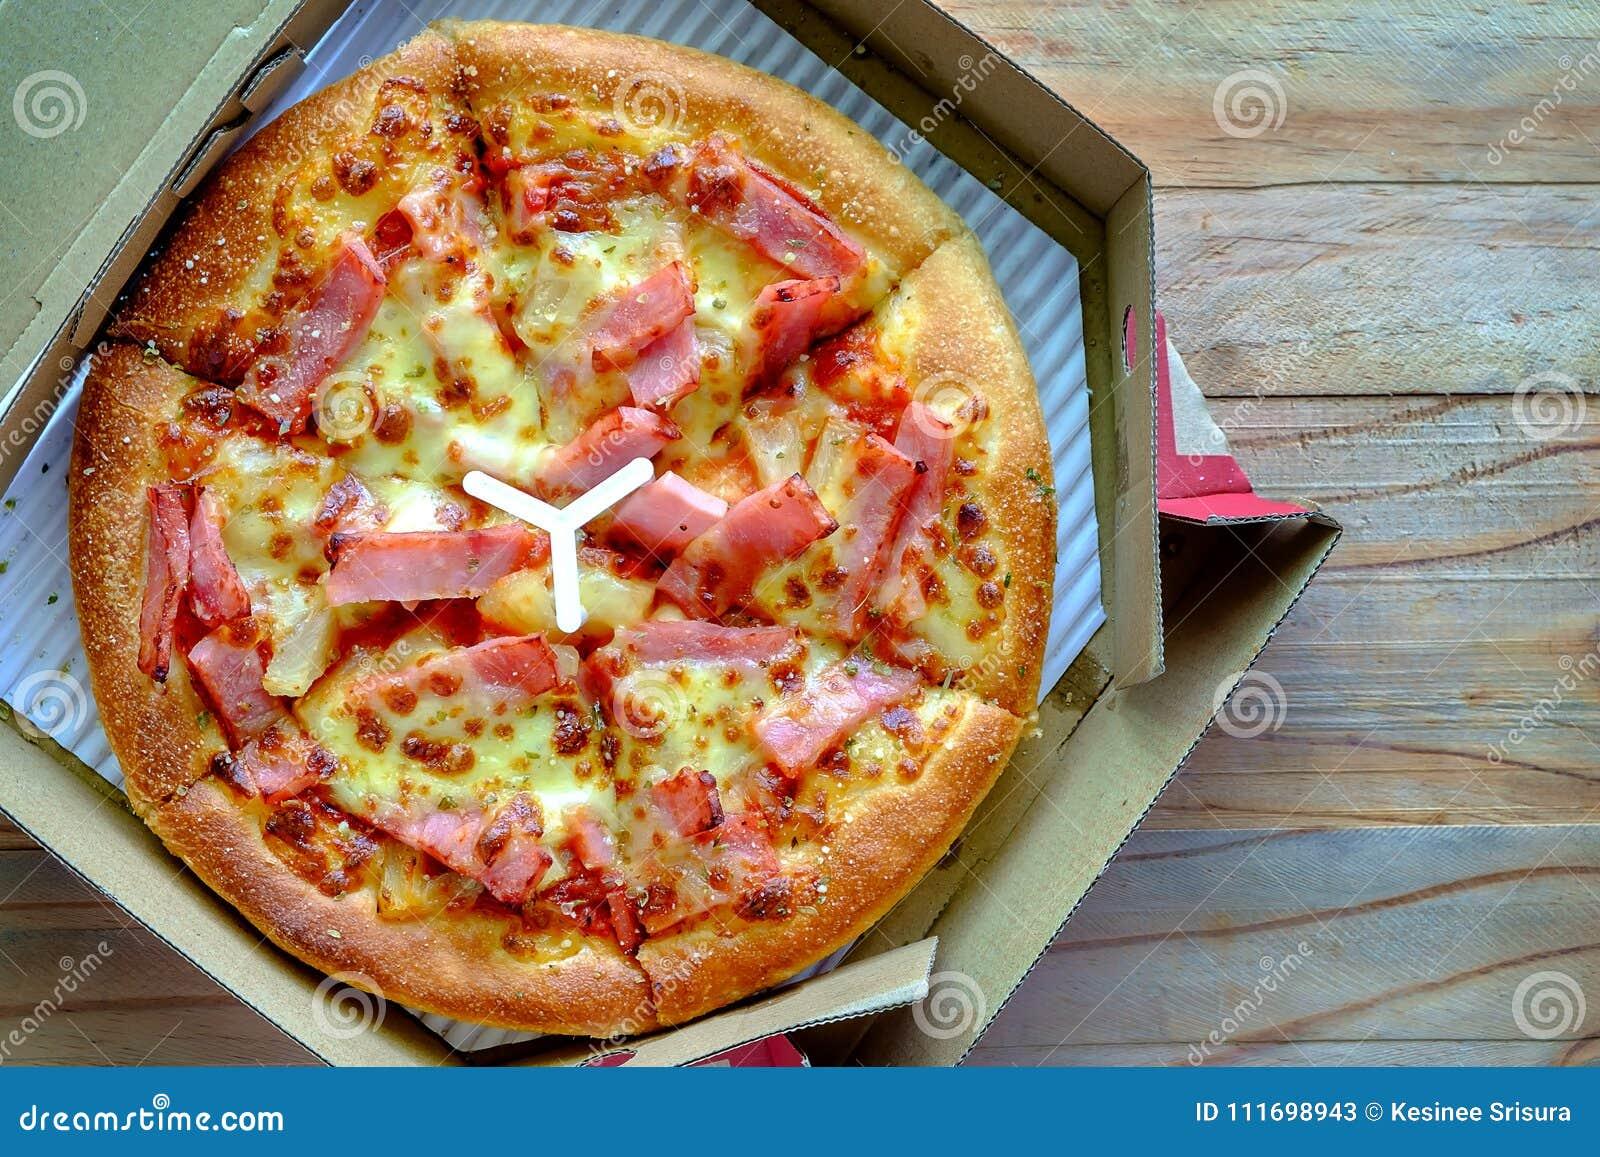 Delicious pizza with pineapple, ham slice, bacon slice, mozzarella cheese, pizza sauce in a delivery box